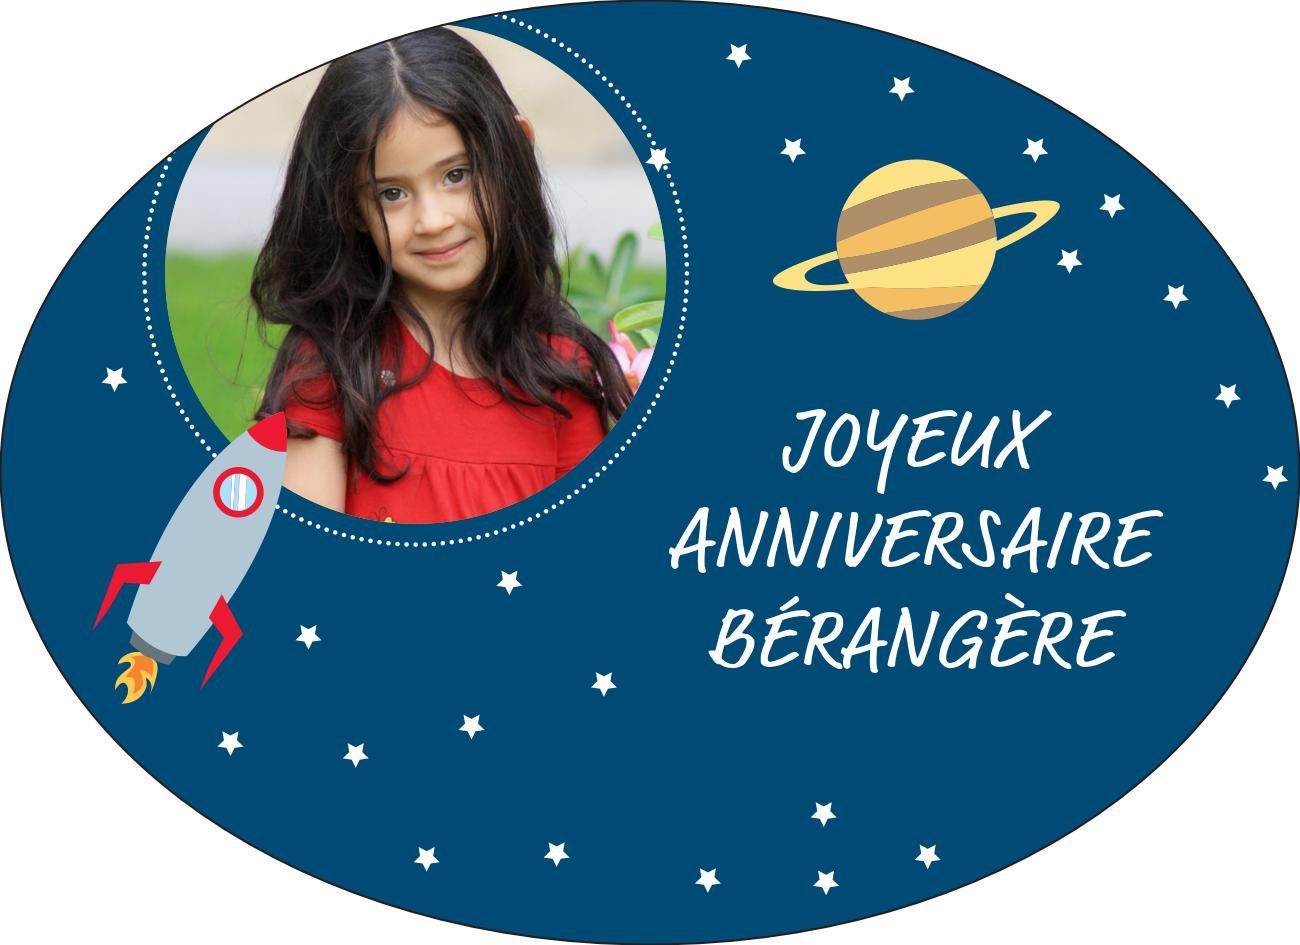 birthday-children-berangere_has-image